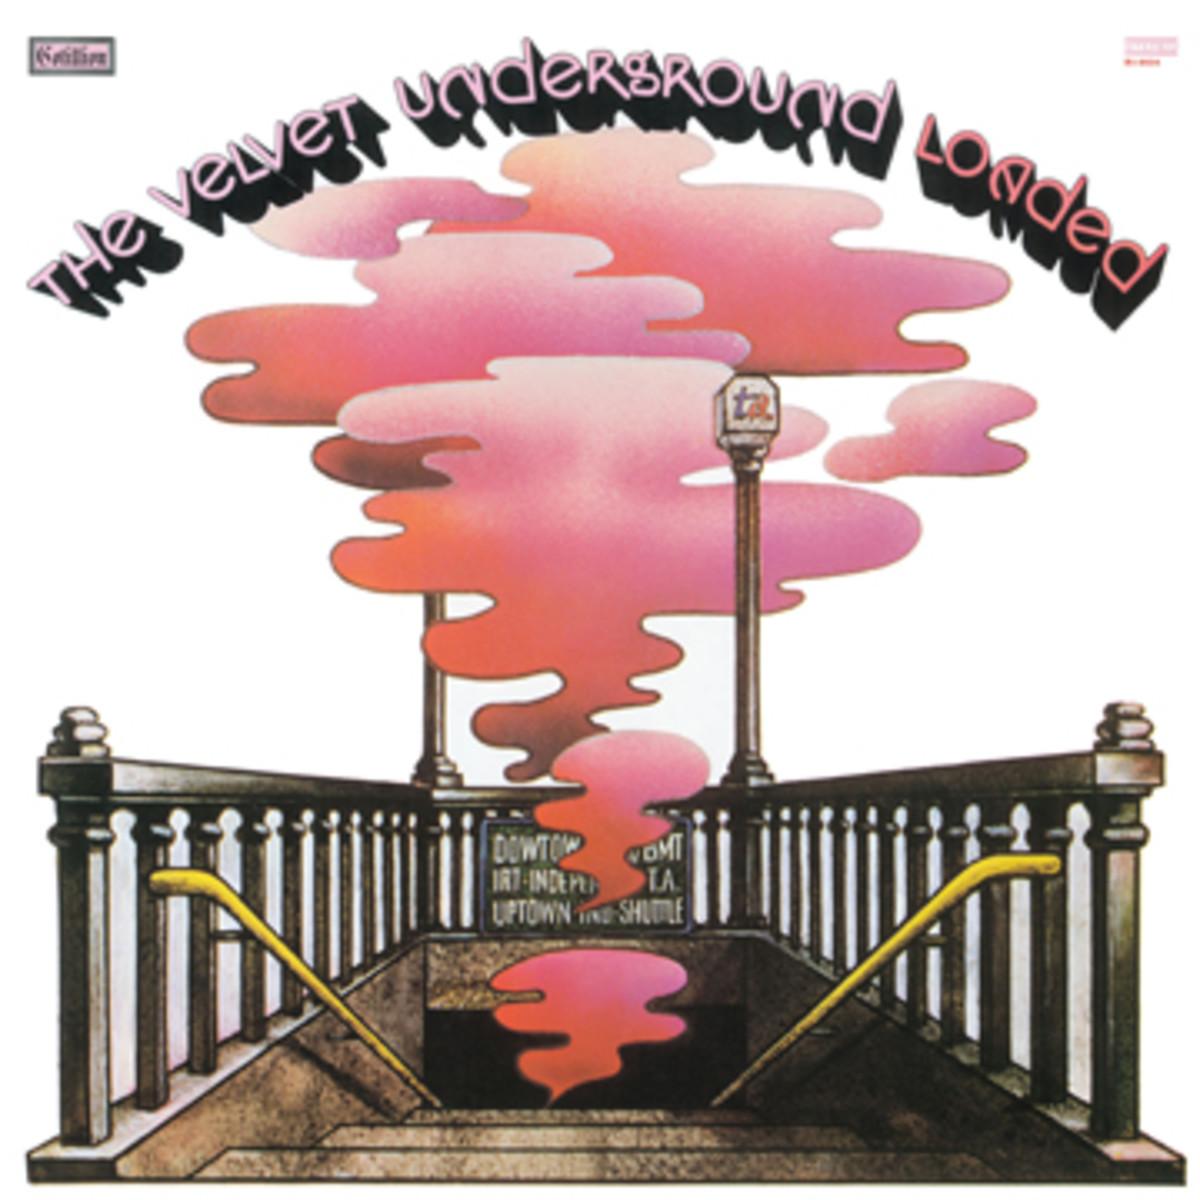 Velvet Underground Loaded Record Store Day 2014